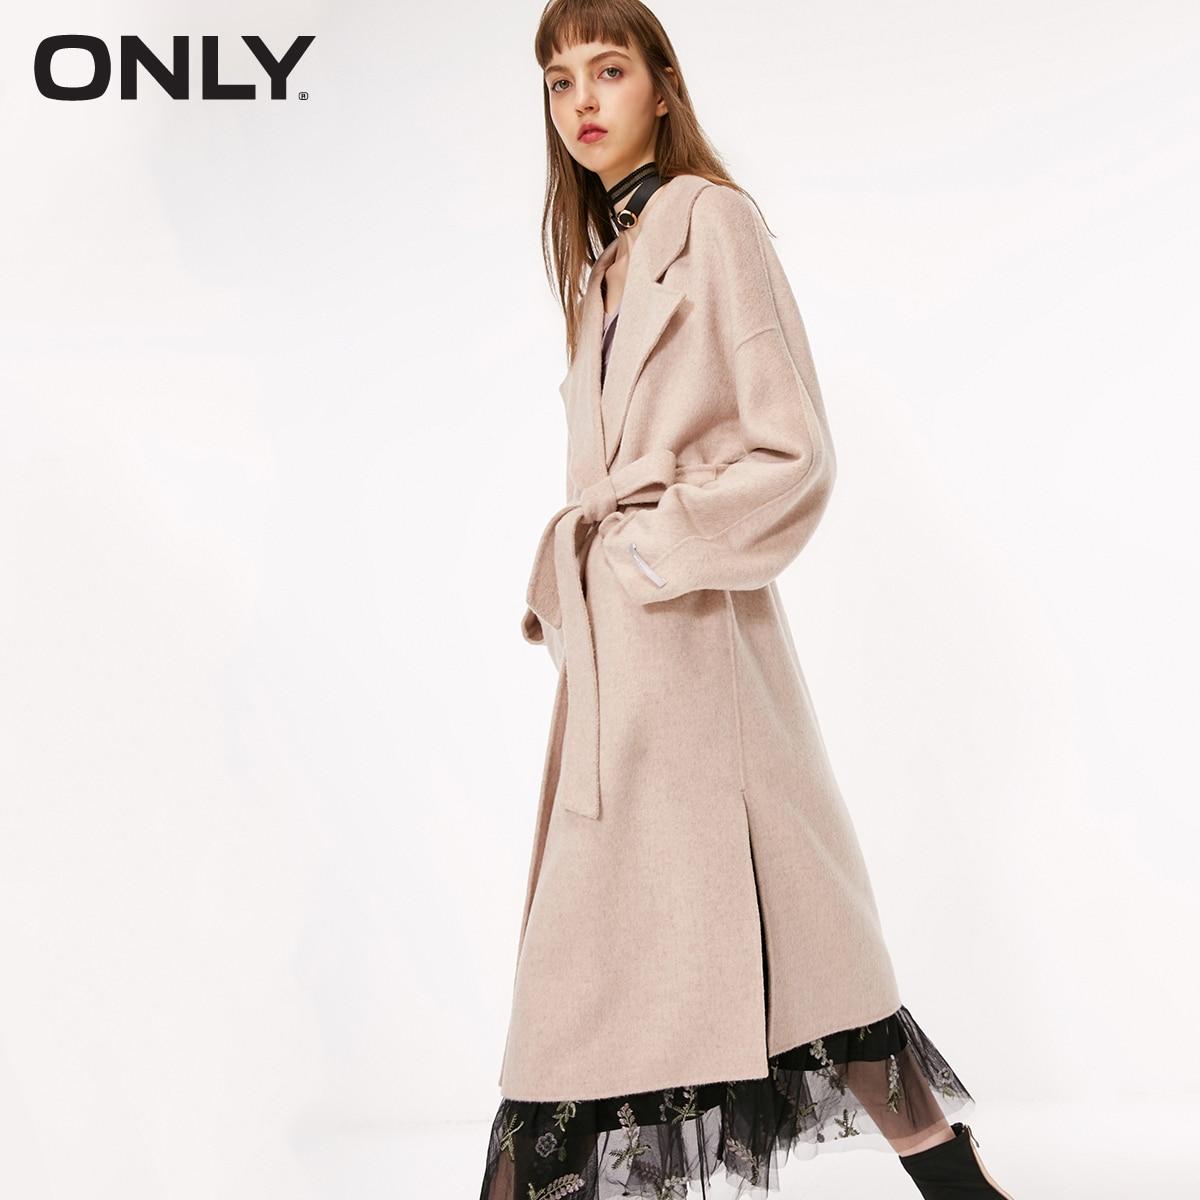 Apenas casaco de lã longa de dupla face de cintura nova de outono feminino   11834s525